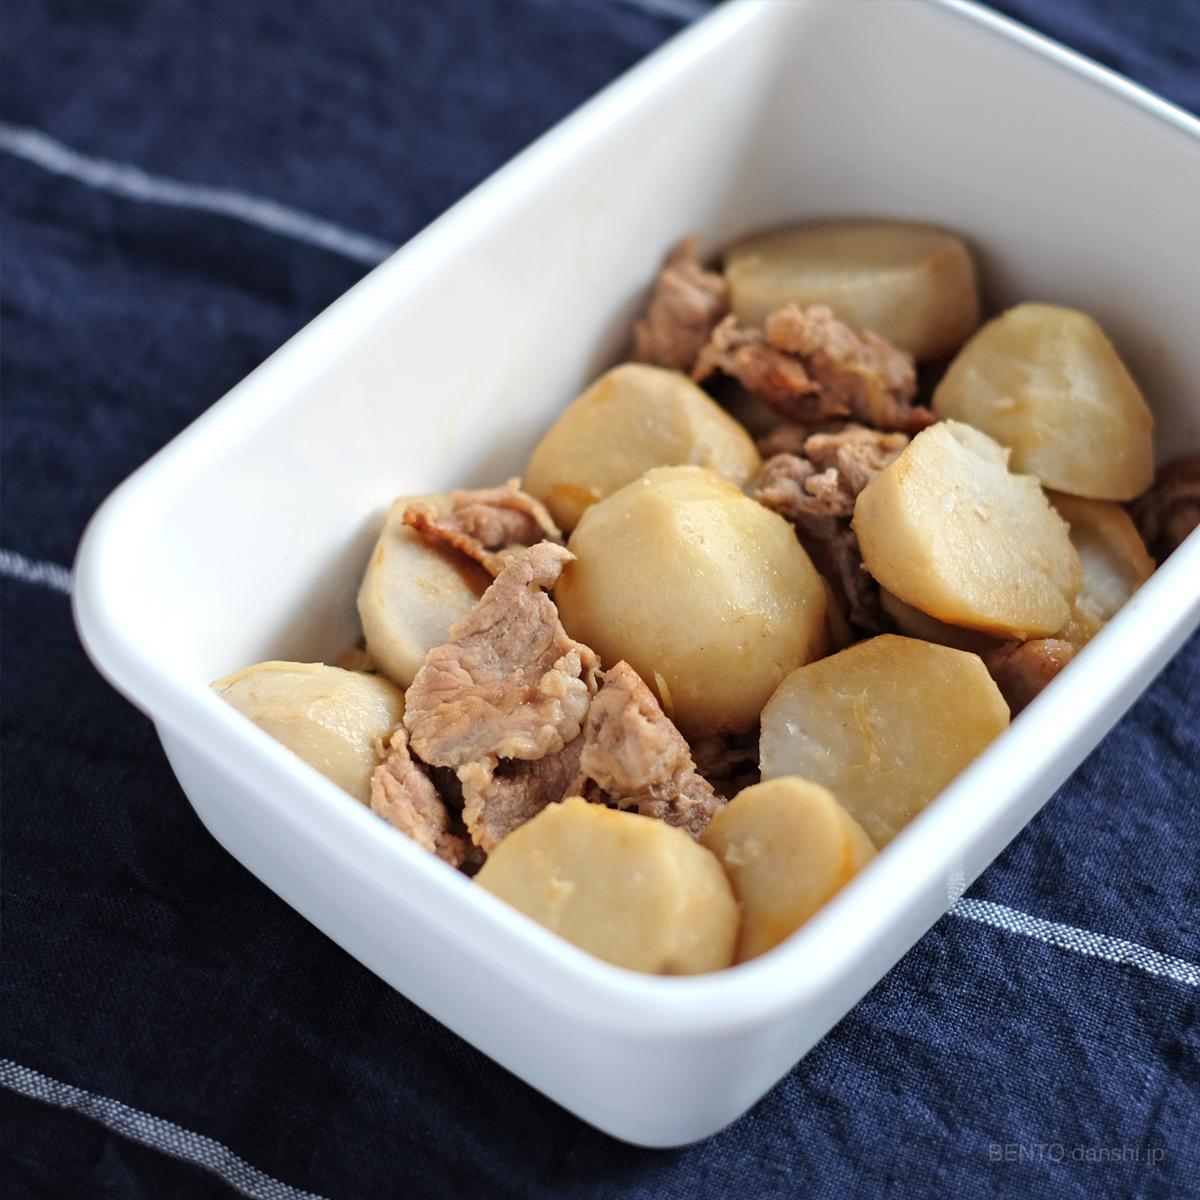 簡単に作れて弁当のおかずに大活躍。『里芋と豚肉の田舎煮』は弁当男子に嬉しい、和食の作りおきレシピ。